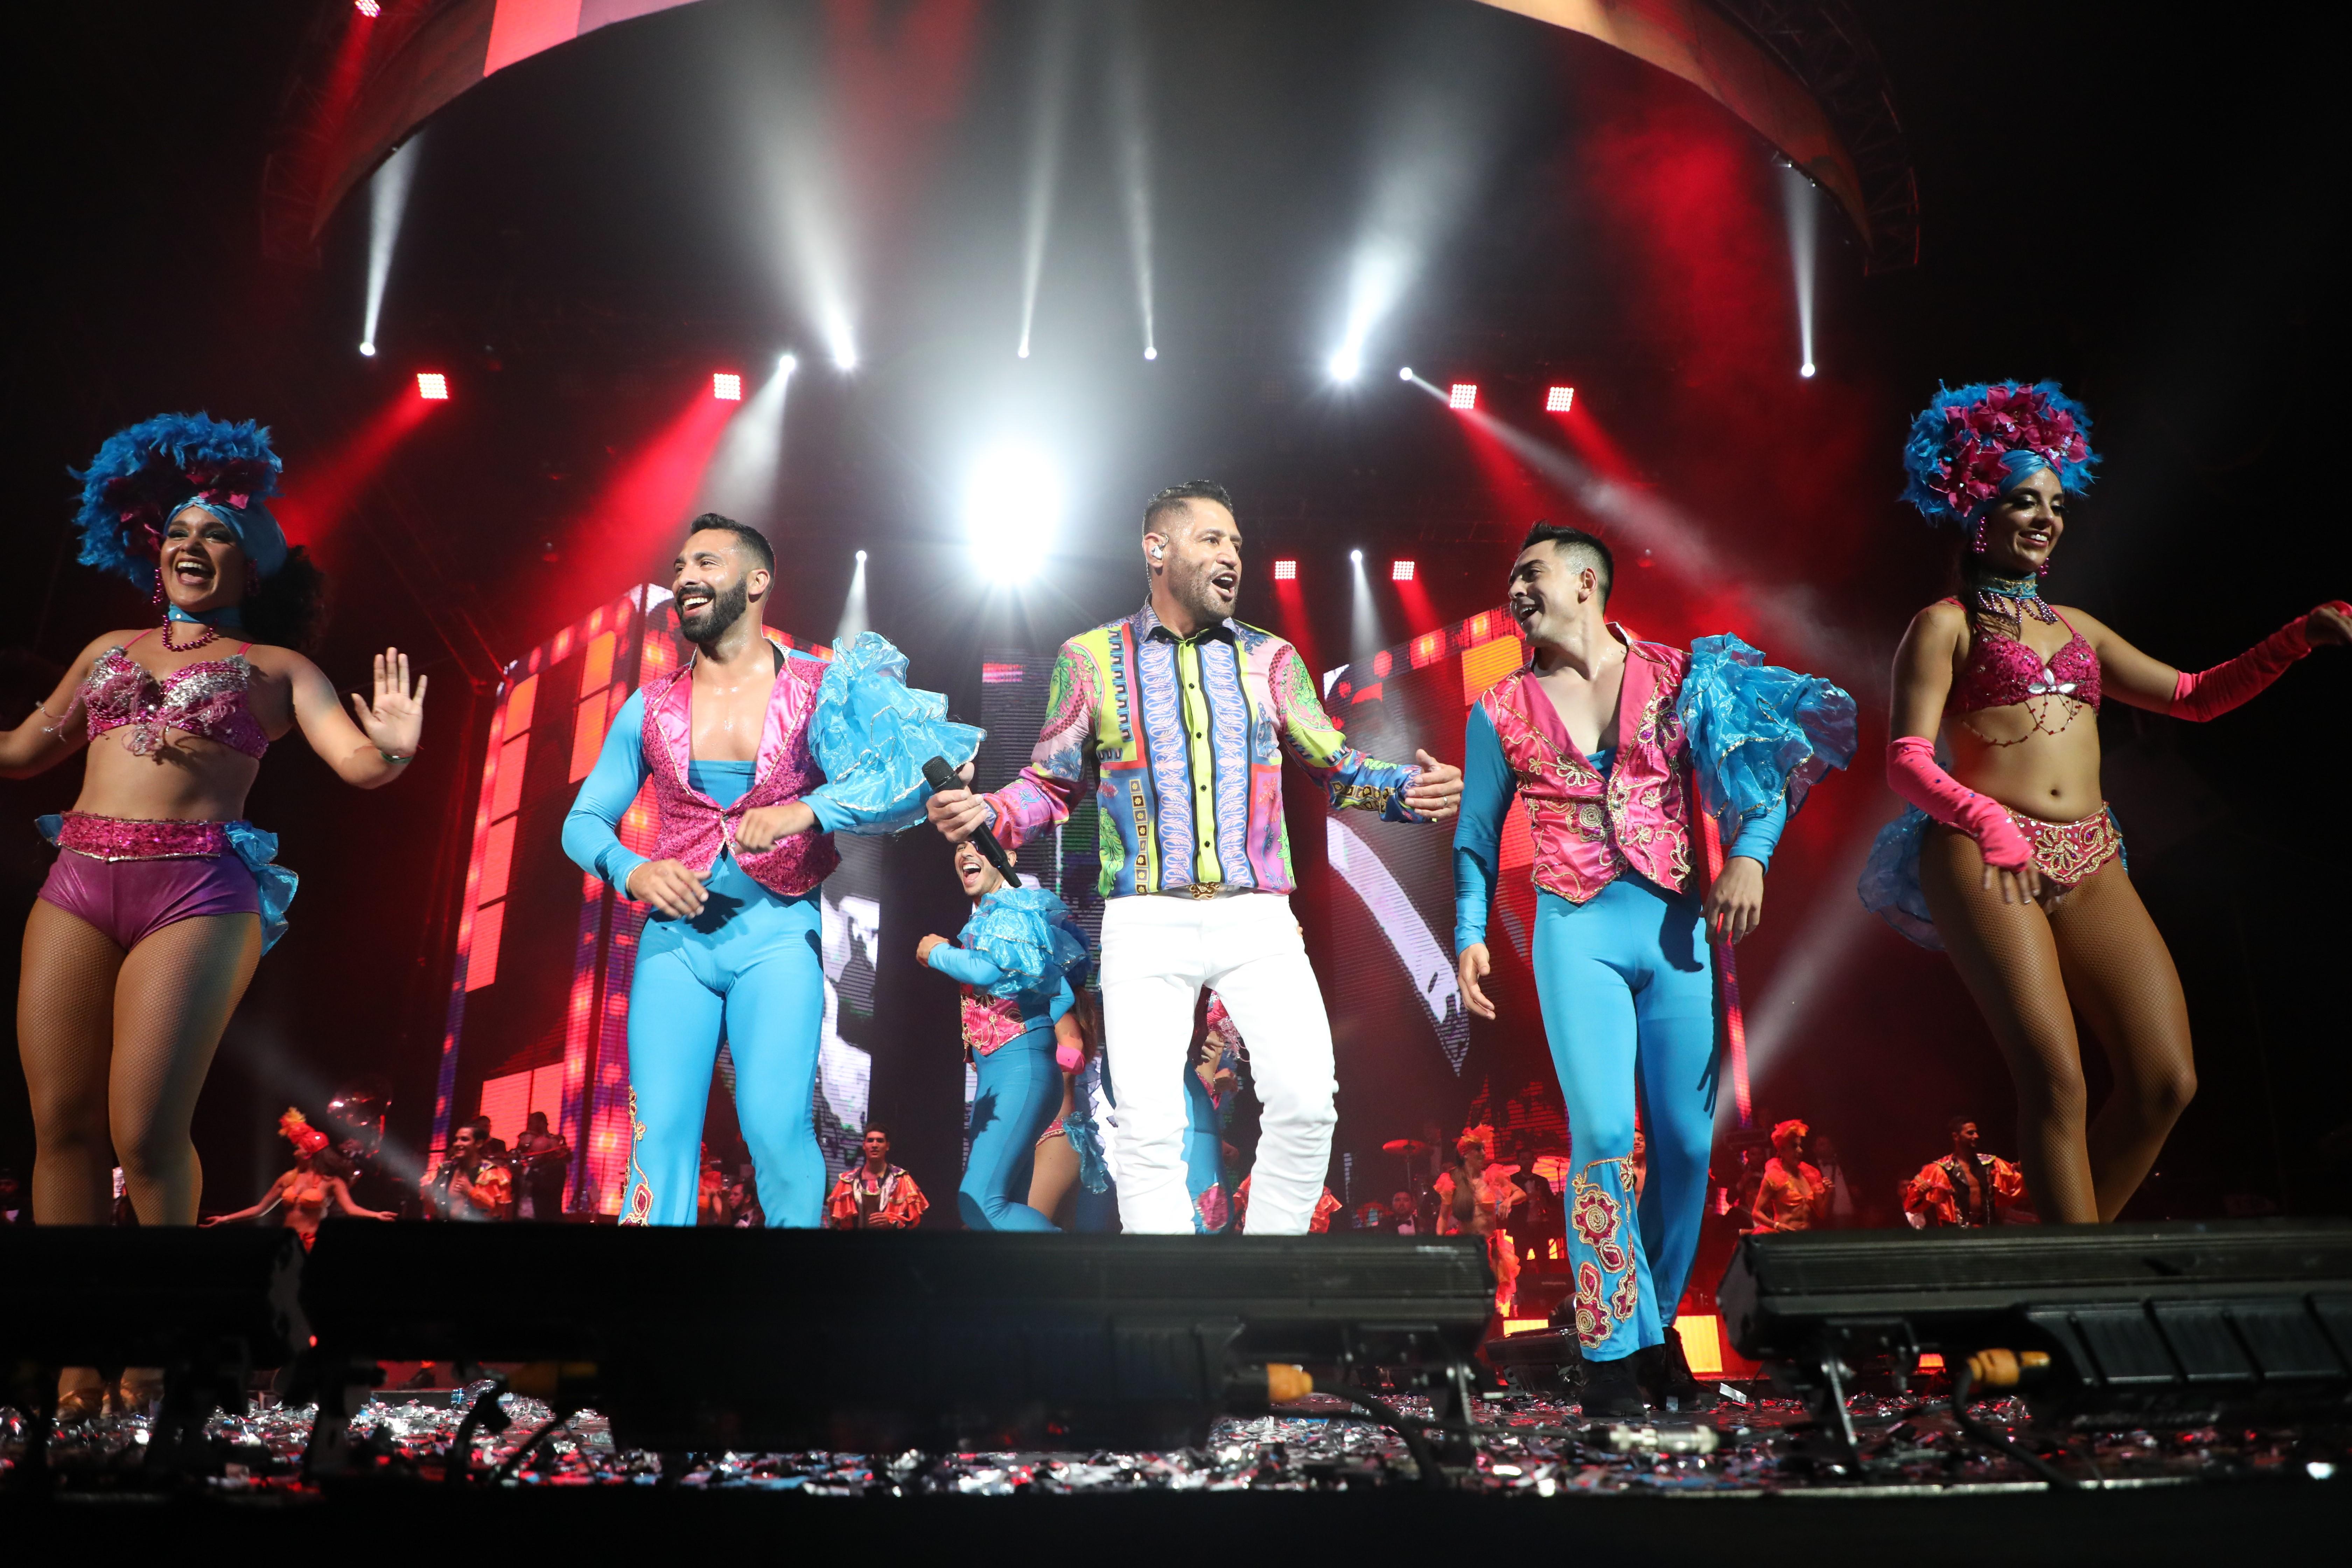 Inolvidable Noche para Pancho Barraza en la Arena Monterrey